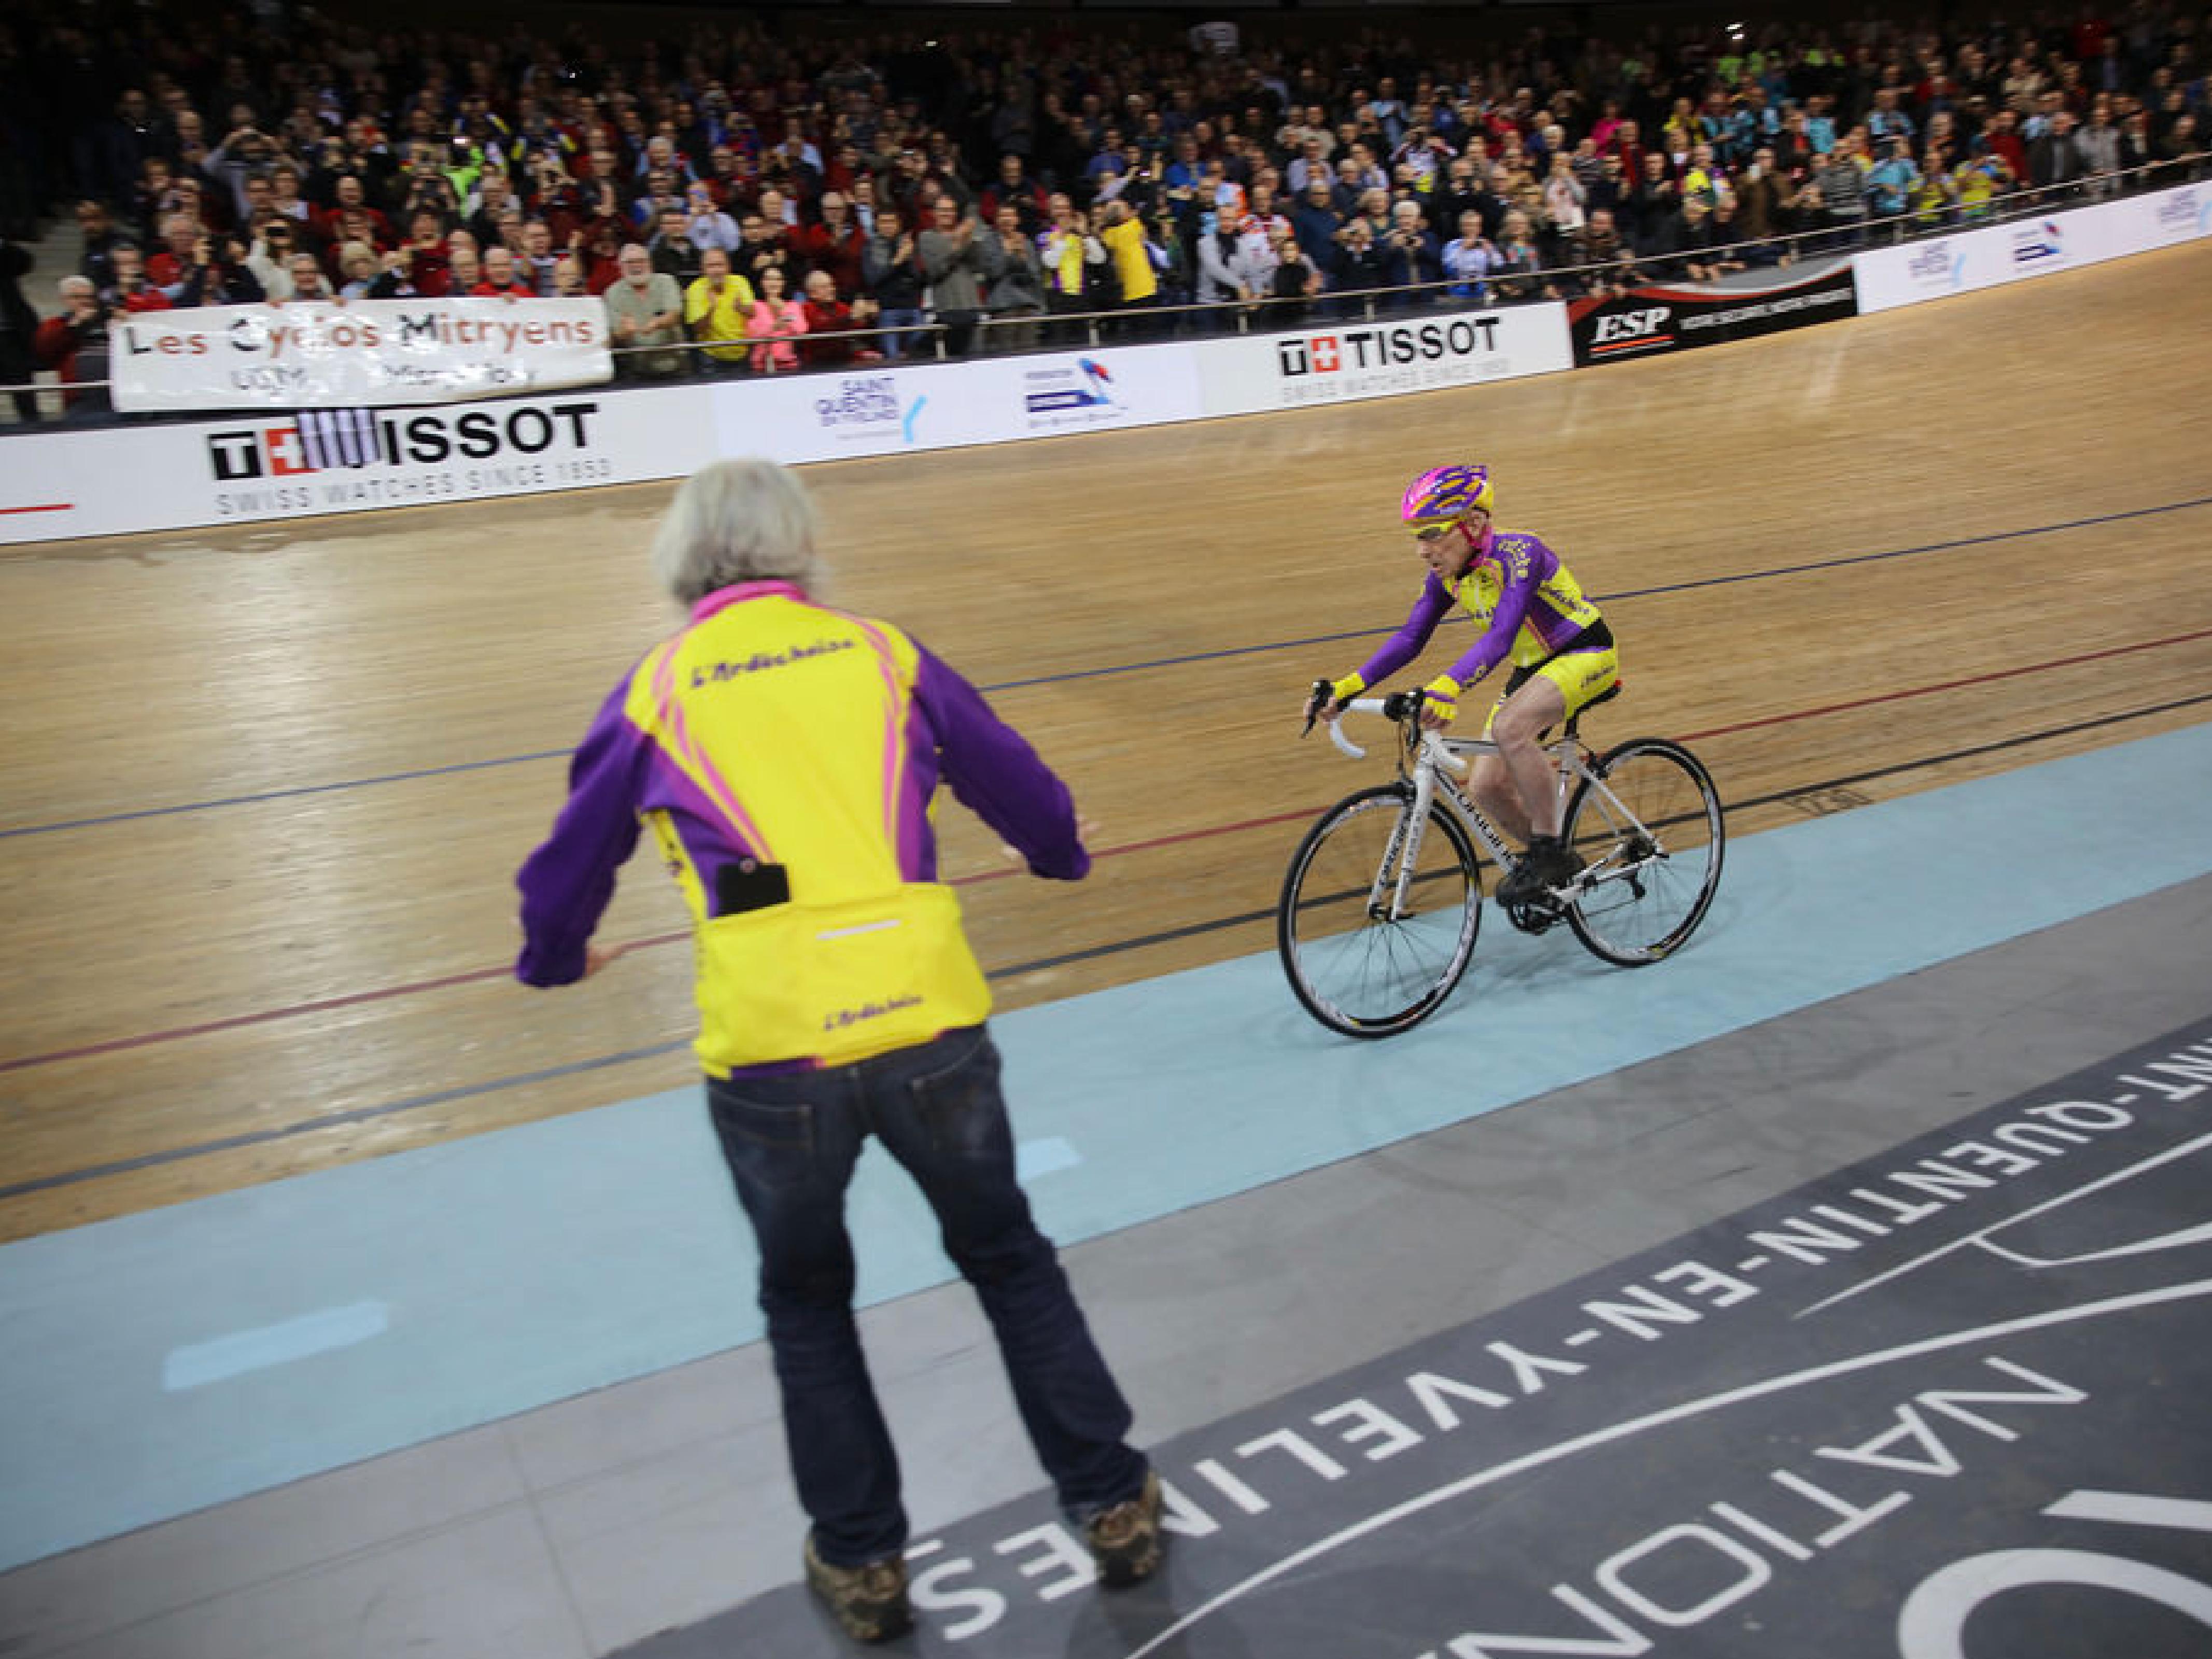 Le cycliste français Robert Marchand fête ses 106 ans